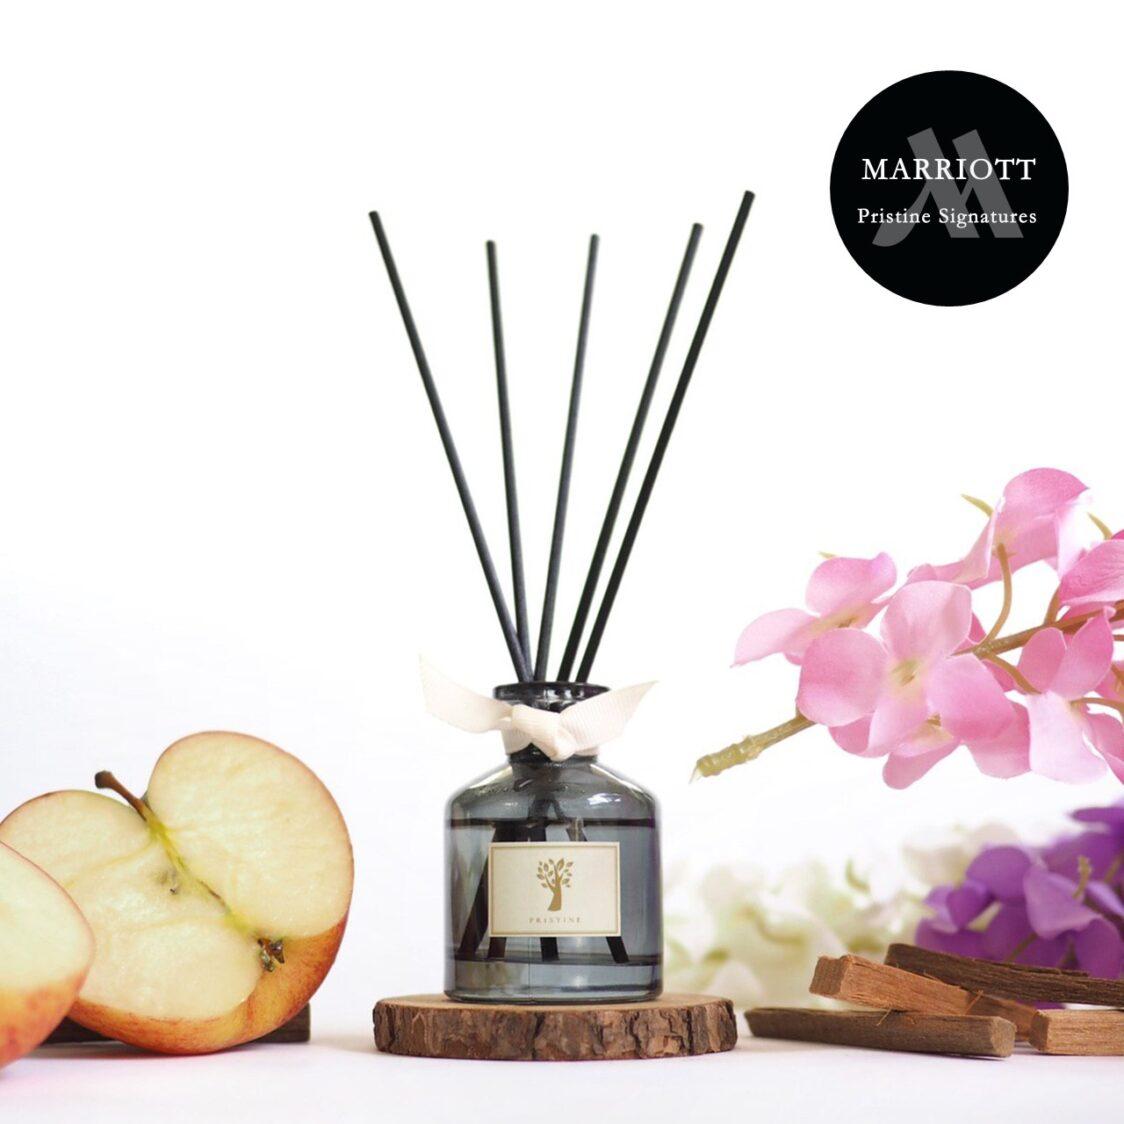 Pristine Aroma Marriott Signature Scent Reed Diffuser 50ml